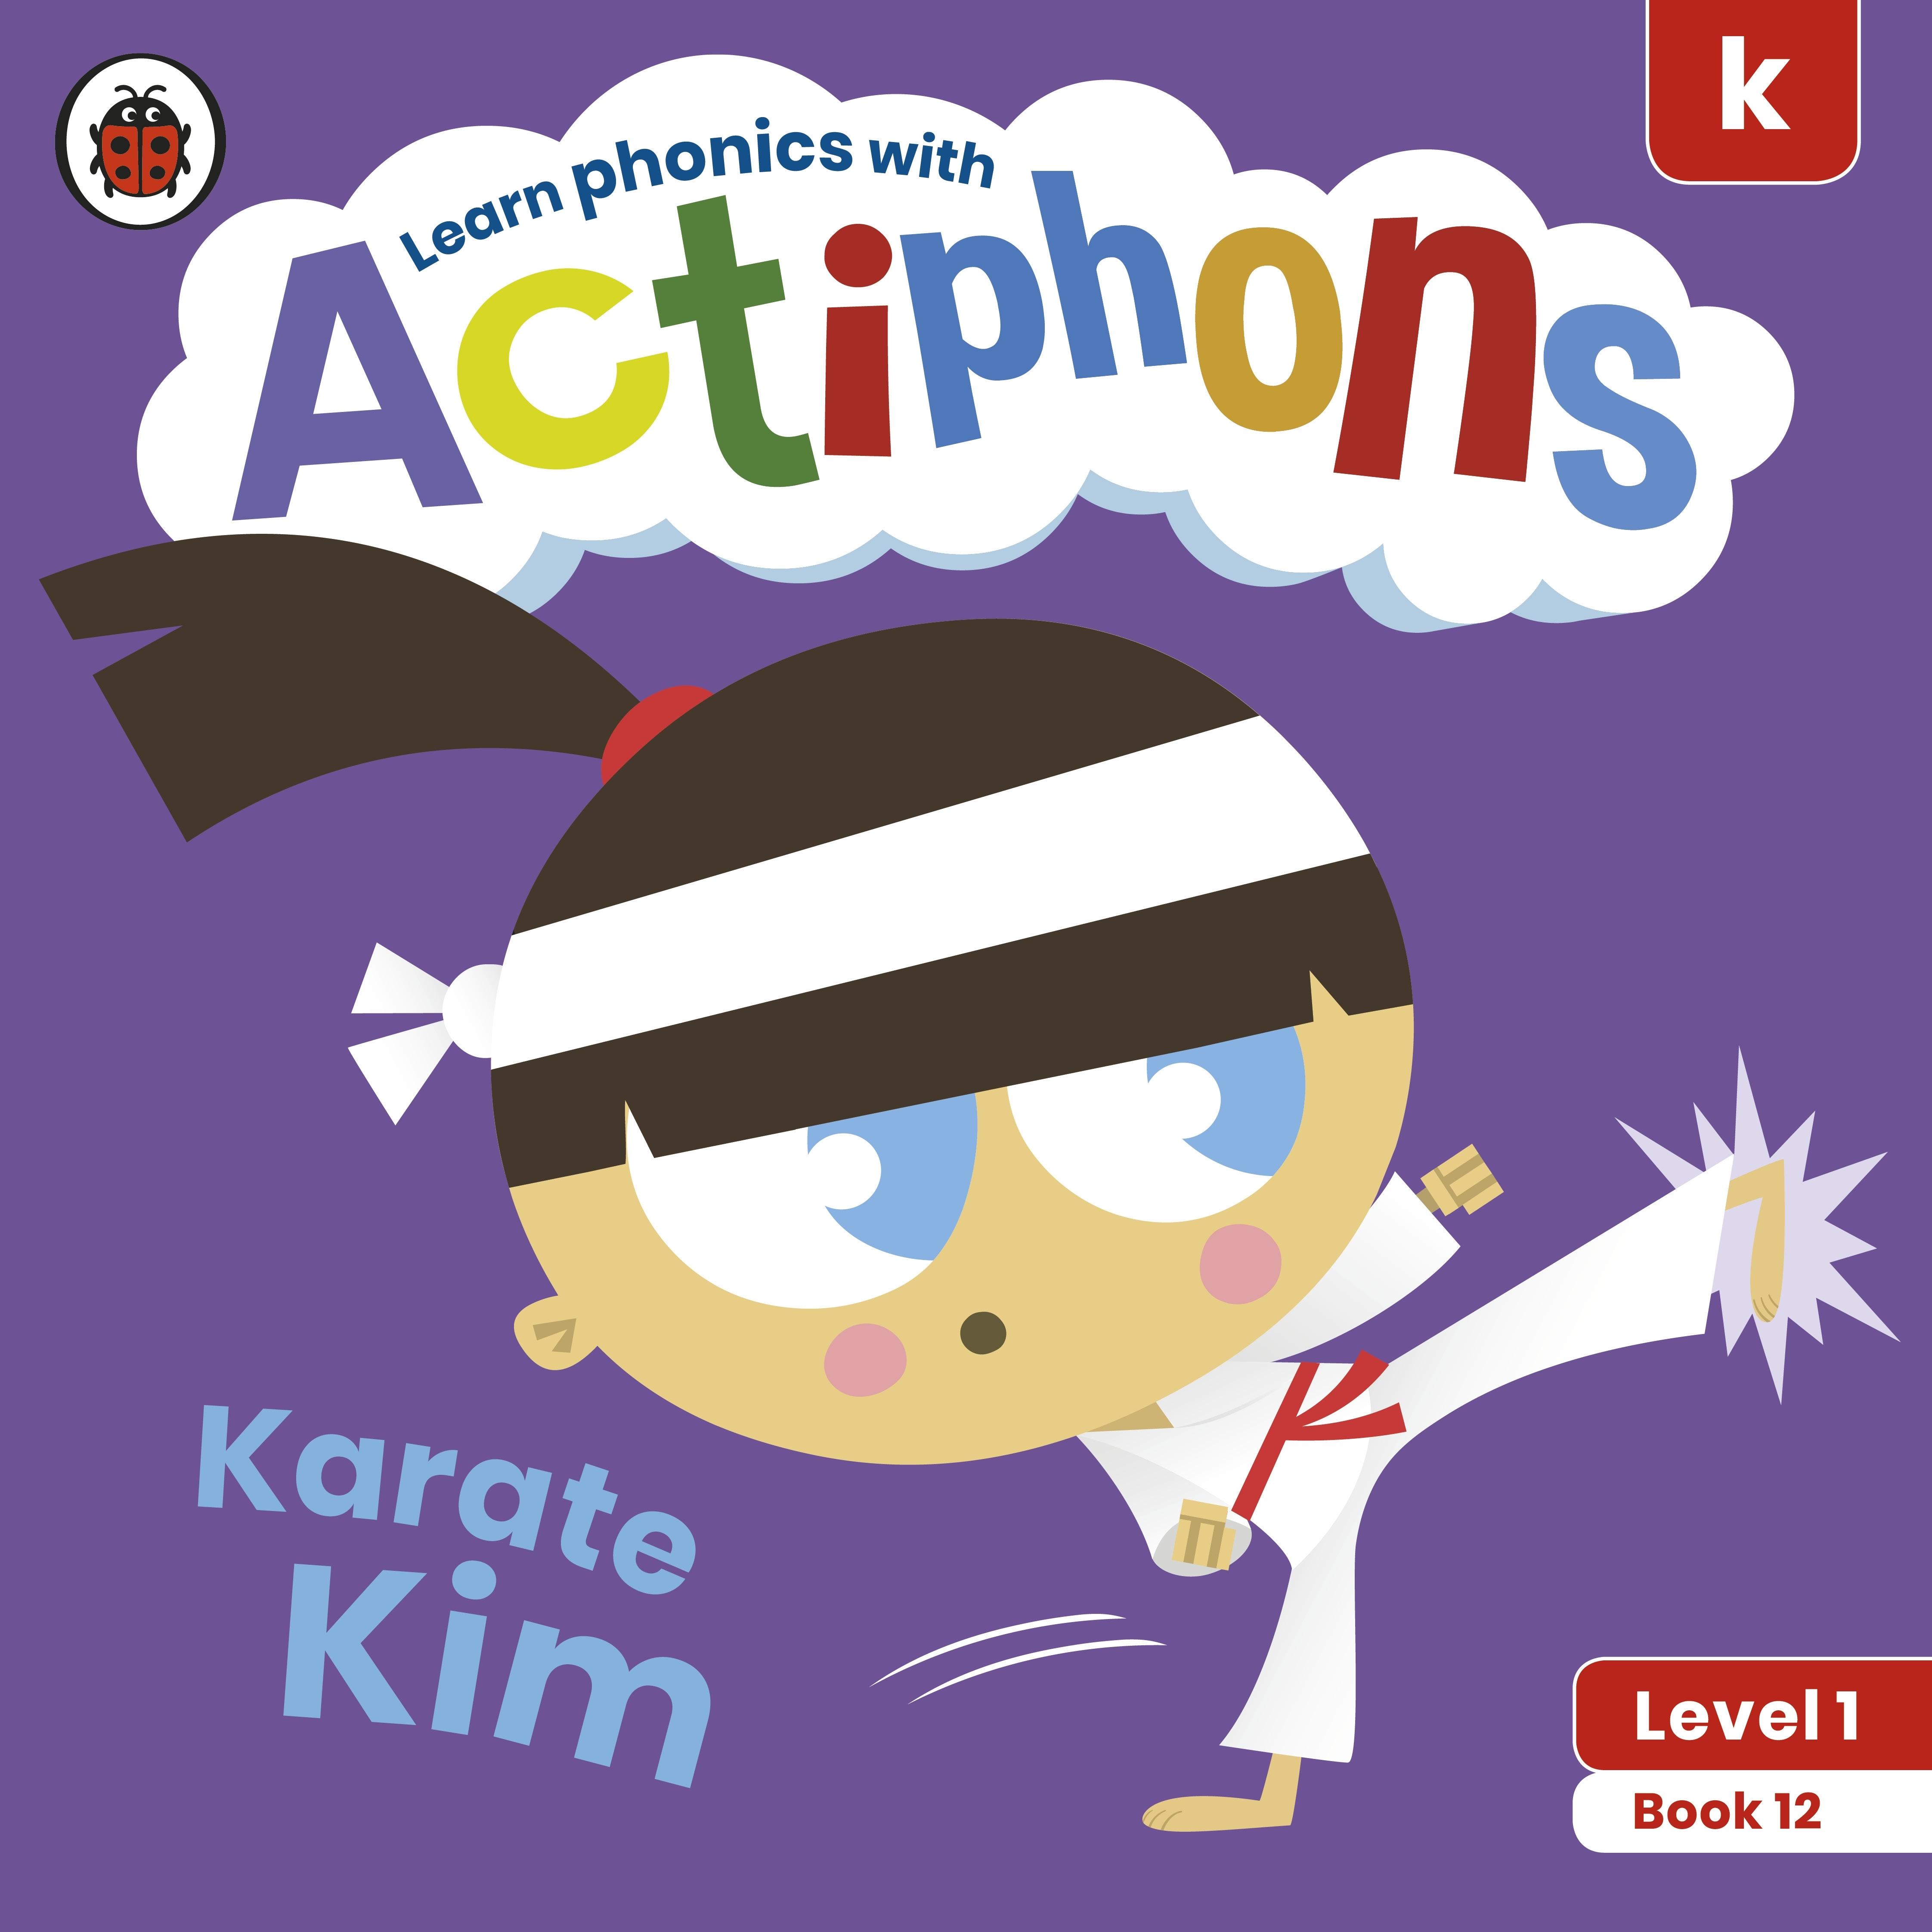 Actiphons Level 1 Book 12 Karate Kim